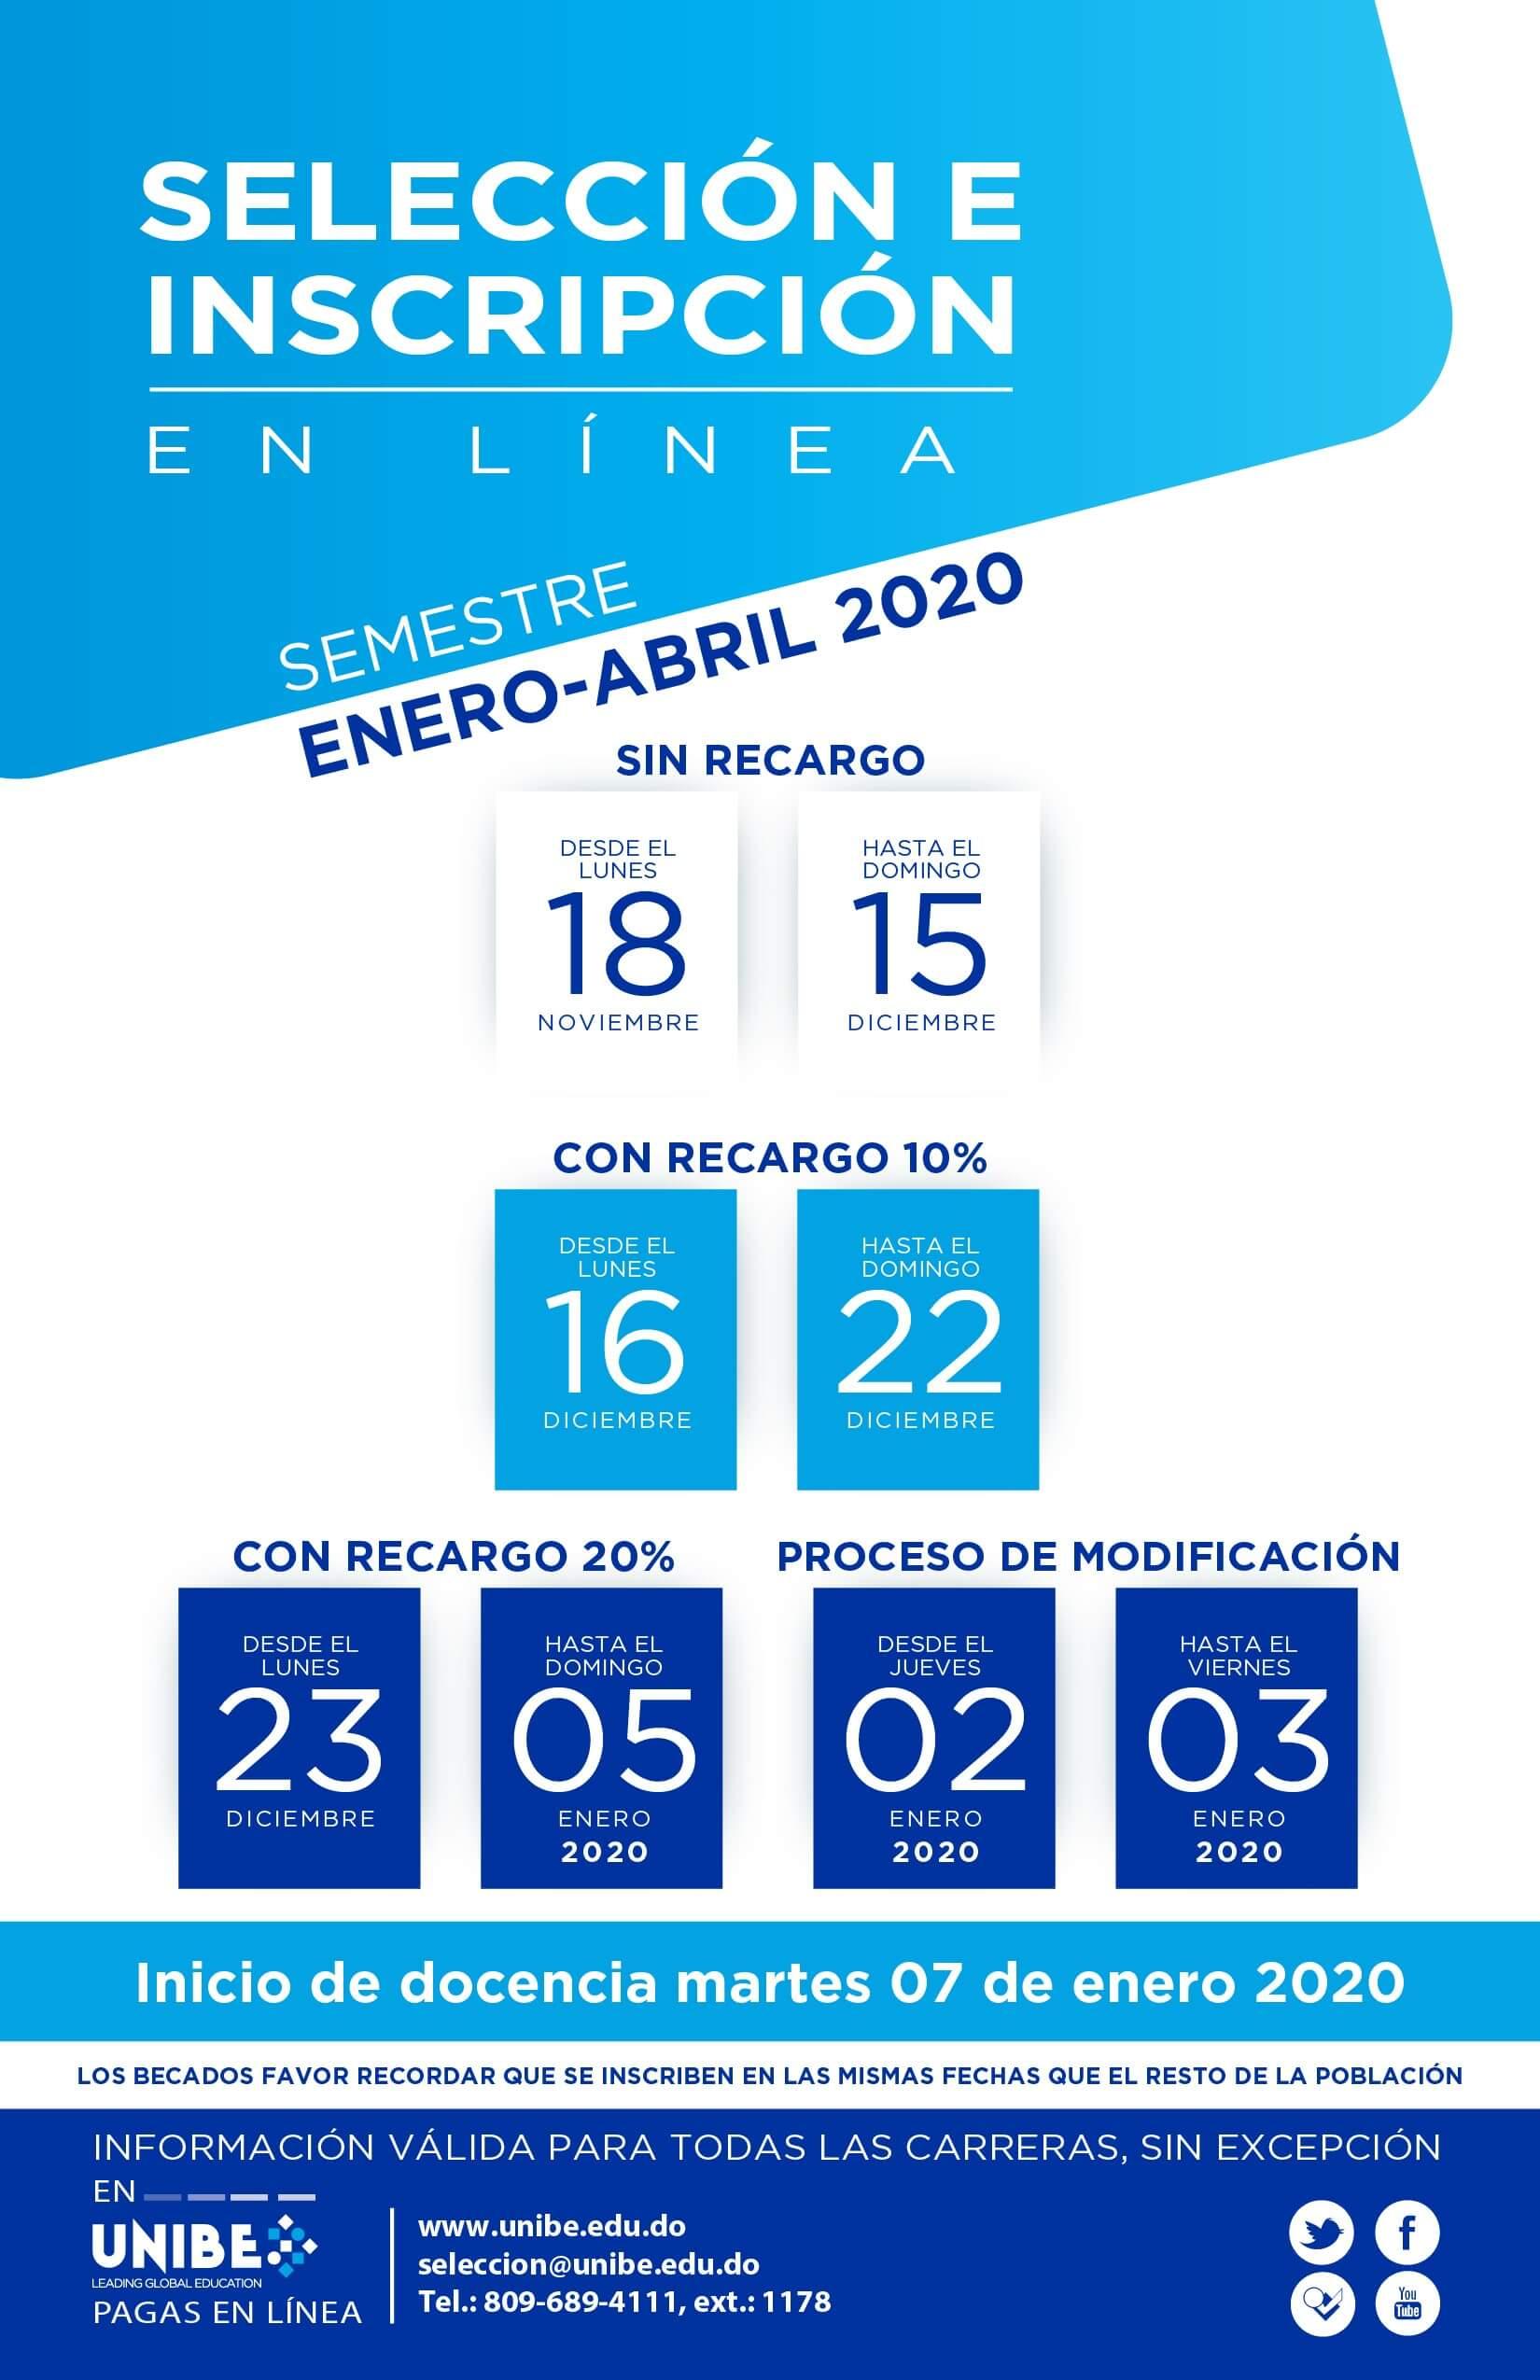 Inscripción UNIBE 2020